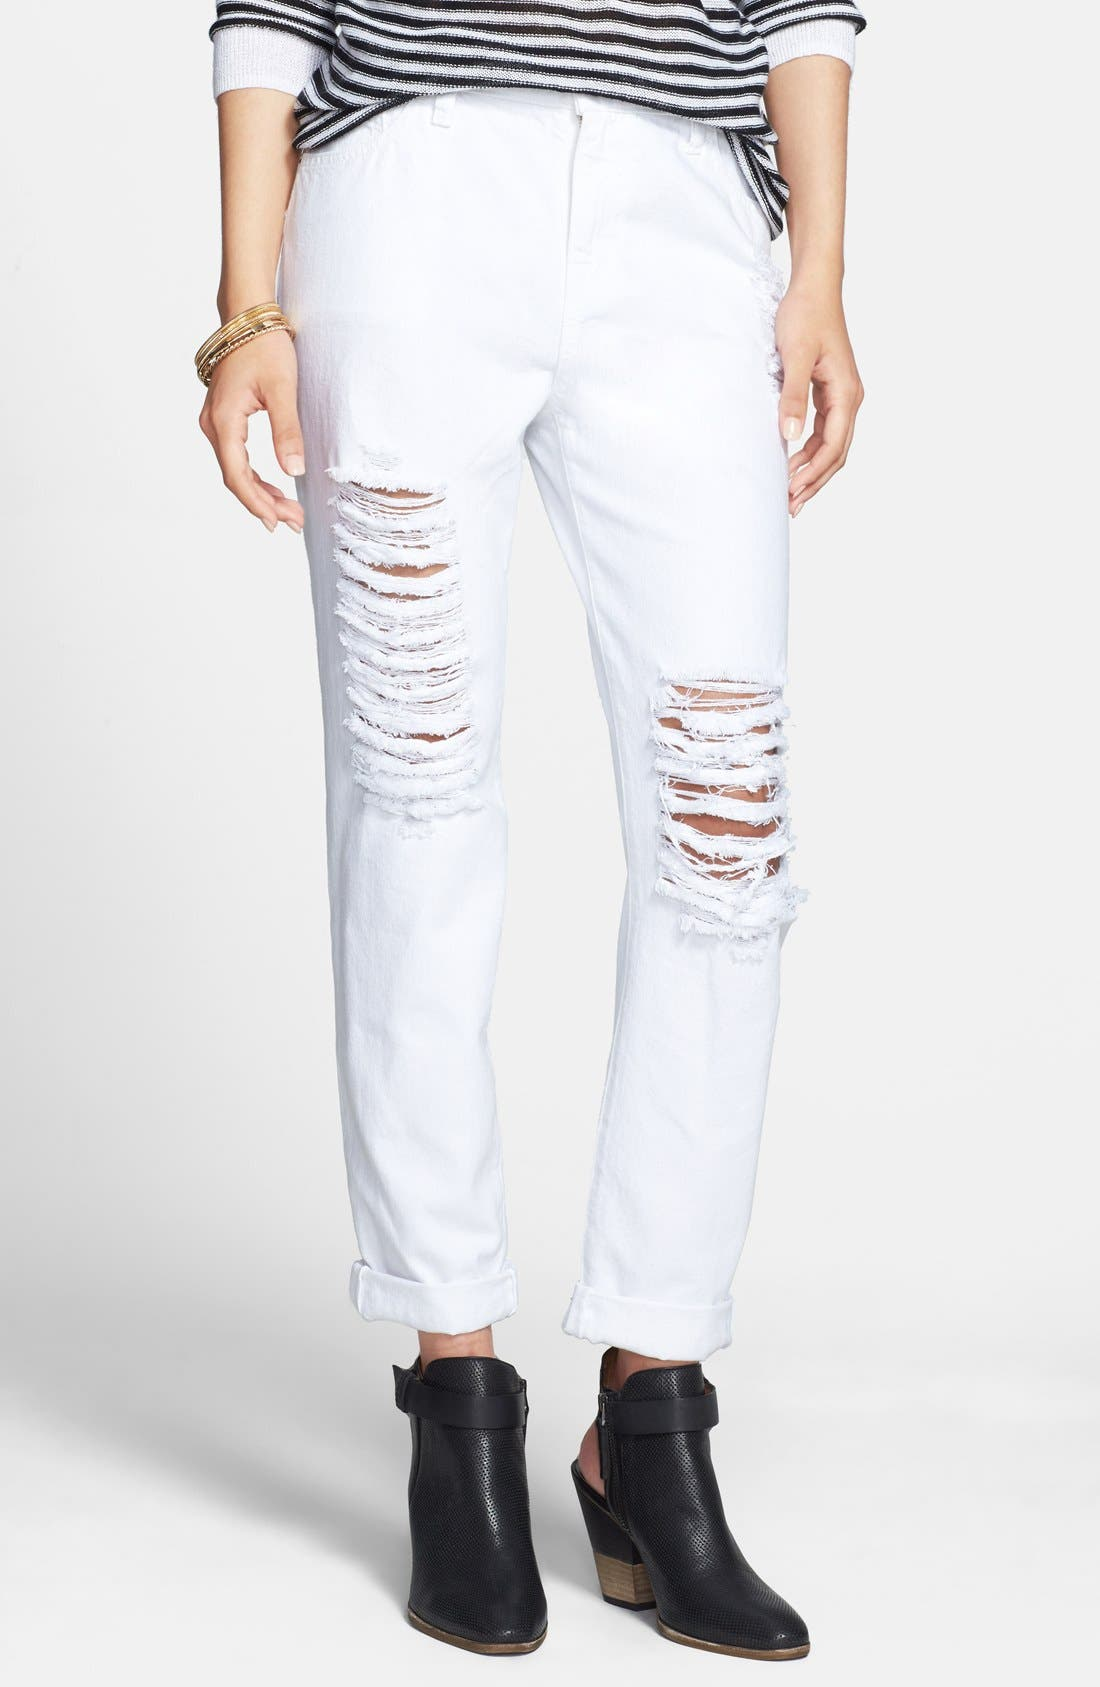 Alternate Image 1 Selected - SP Black Shredded Boyfriend Jeans (White) (Juniors)